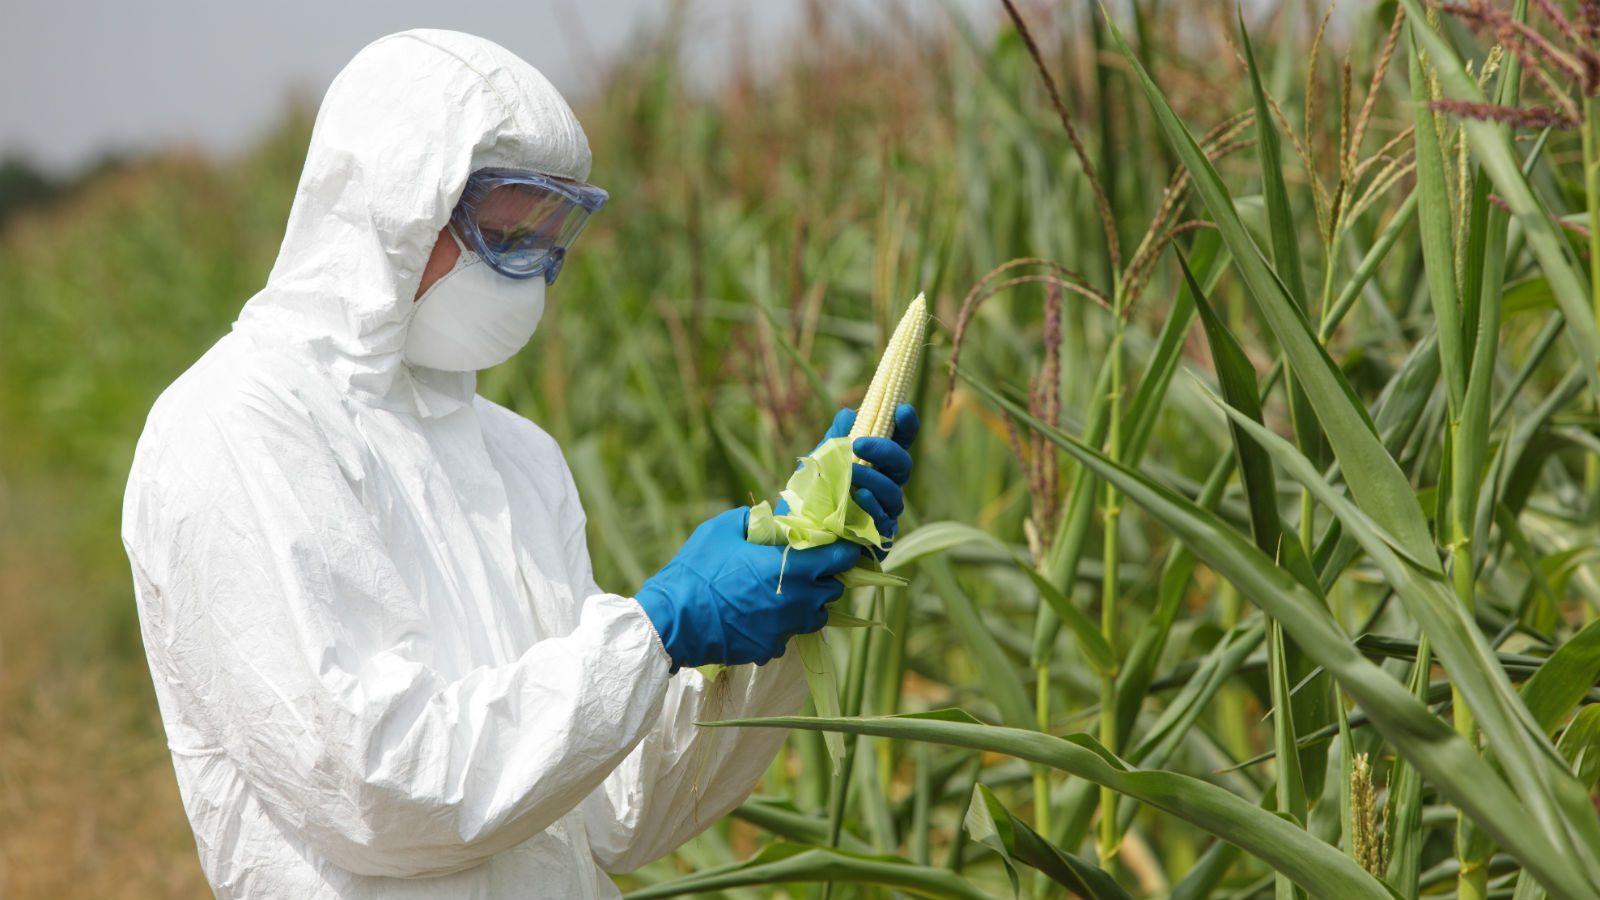 گیاهان تراریخته مقاوم به سموم؛ ایمن هستند یا خطرناک؟